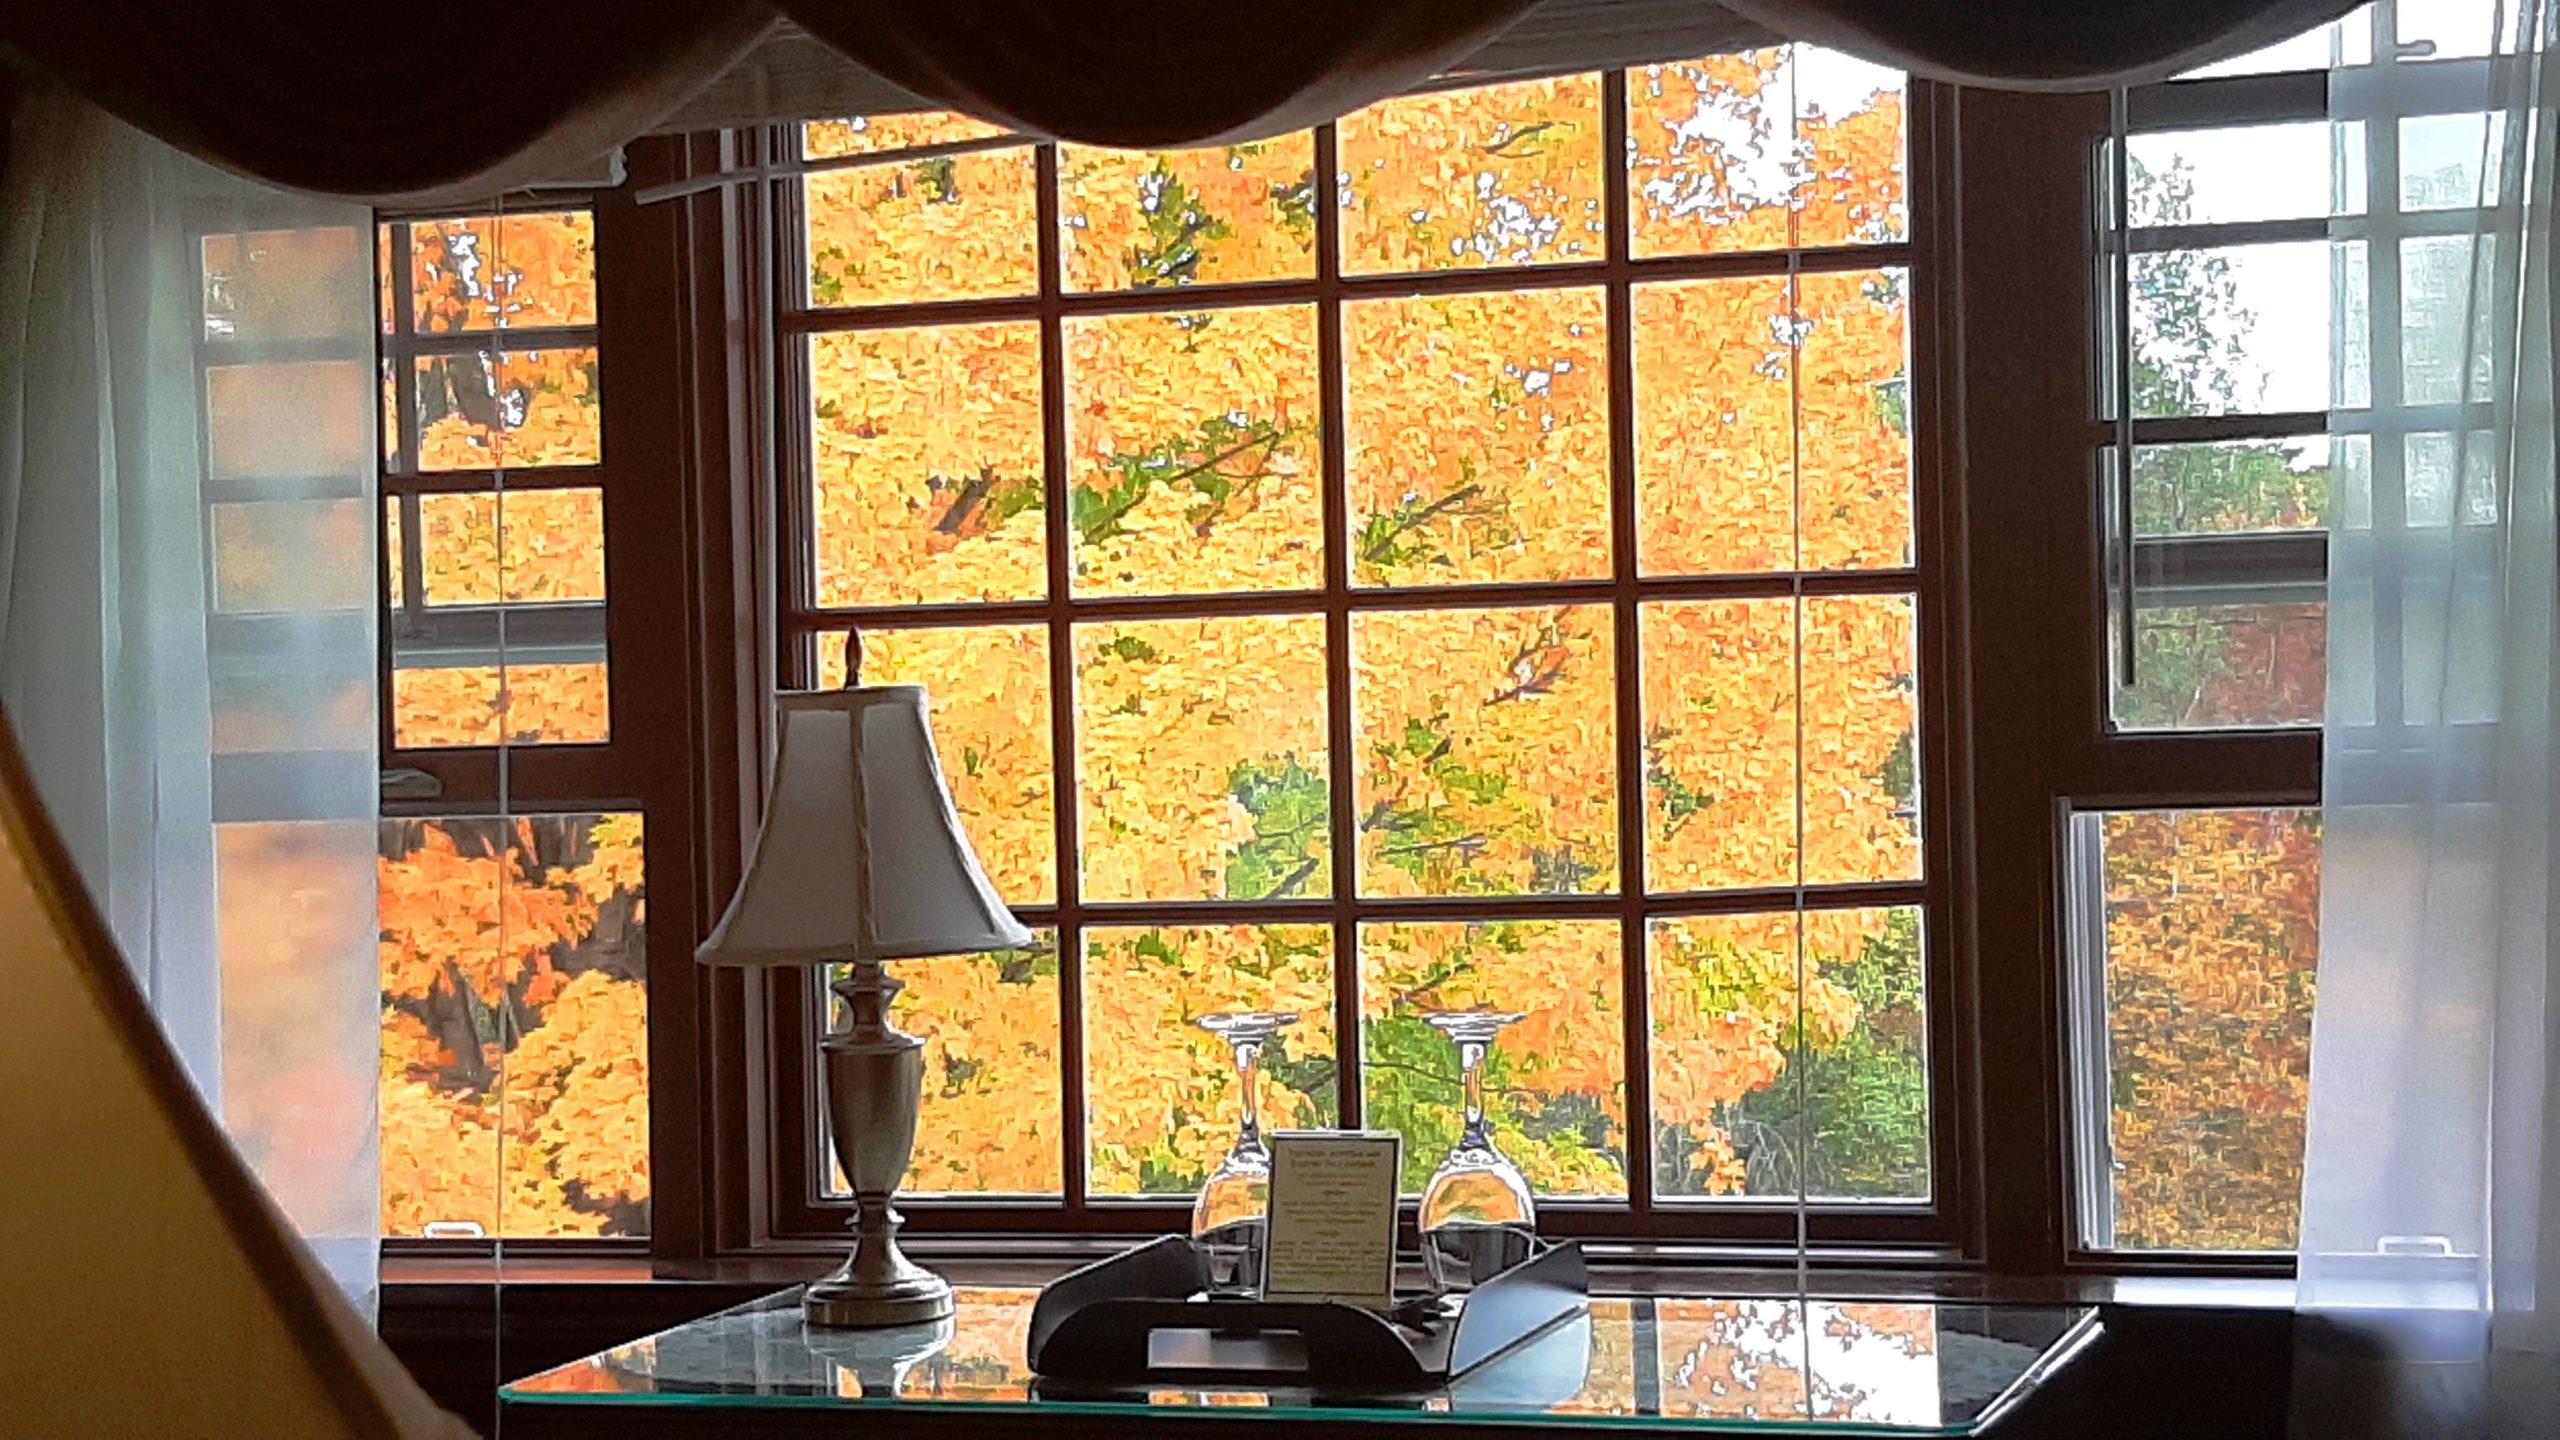 Rabbit Hill Inn room view